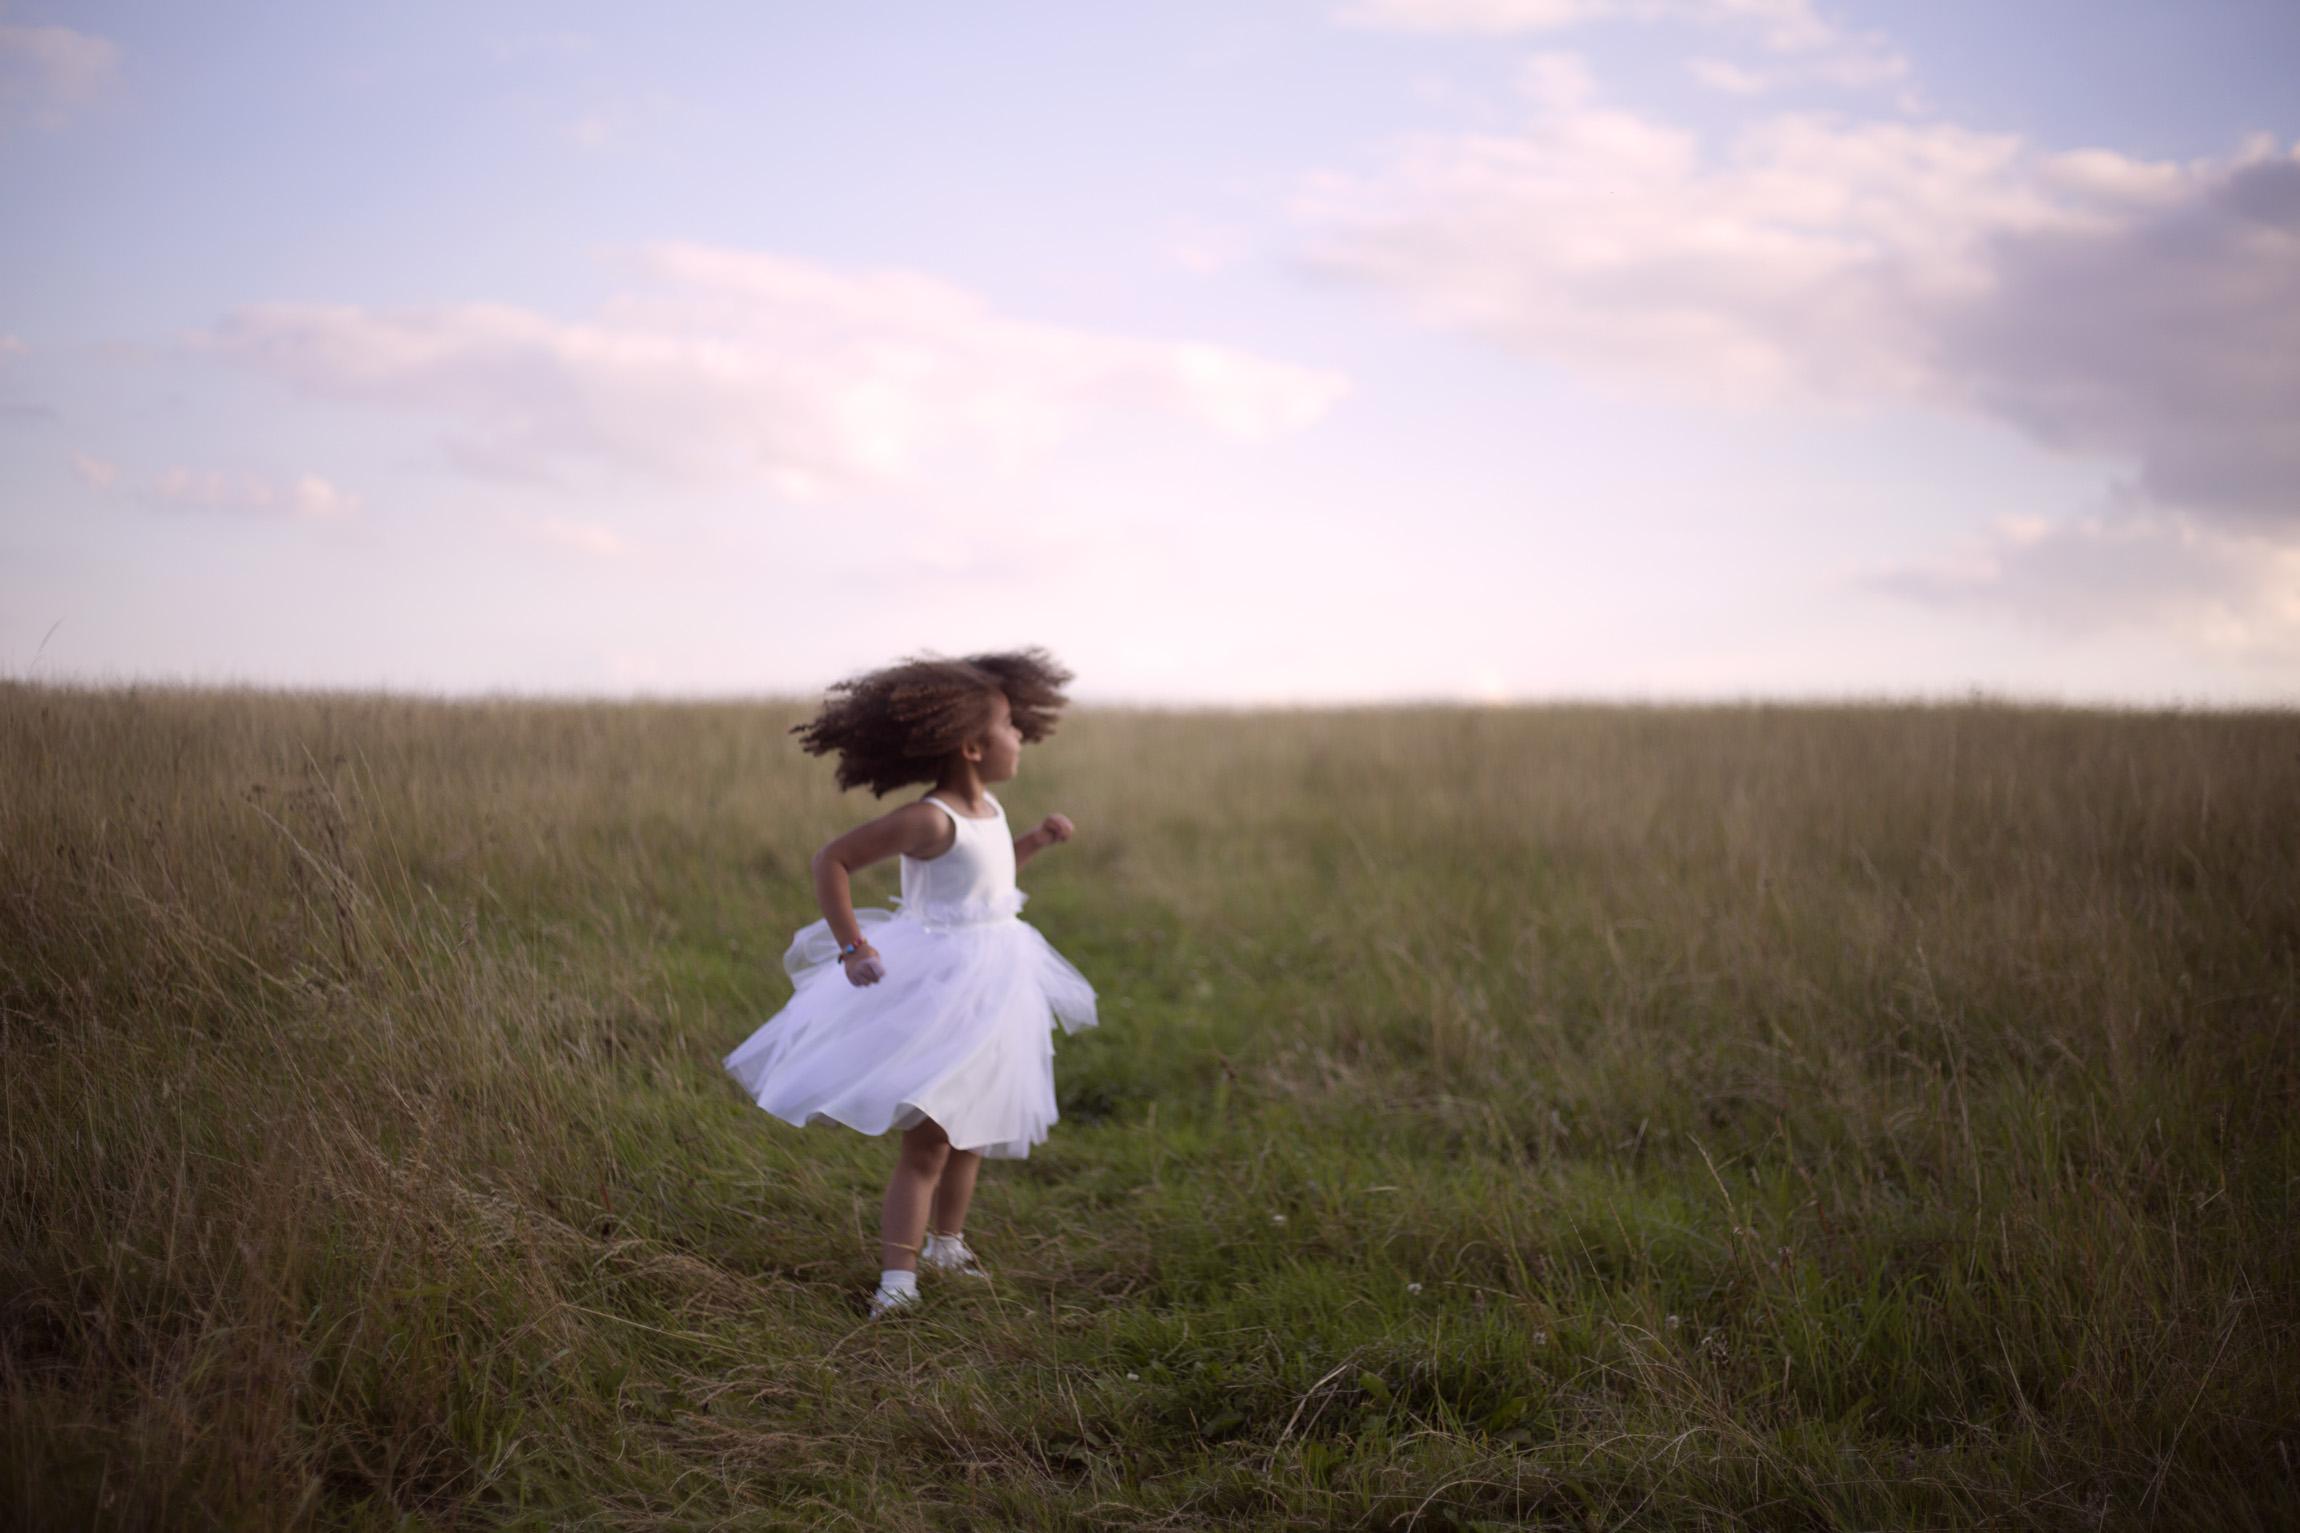 Flower girl dances in a field Cripps barn outdoor wedding photographer